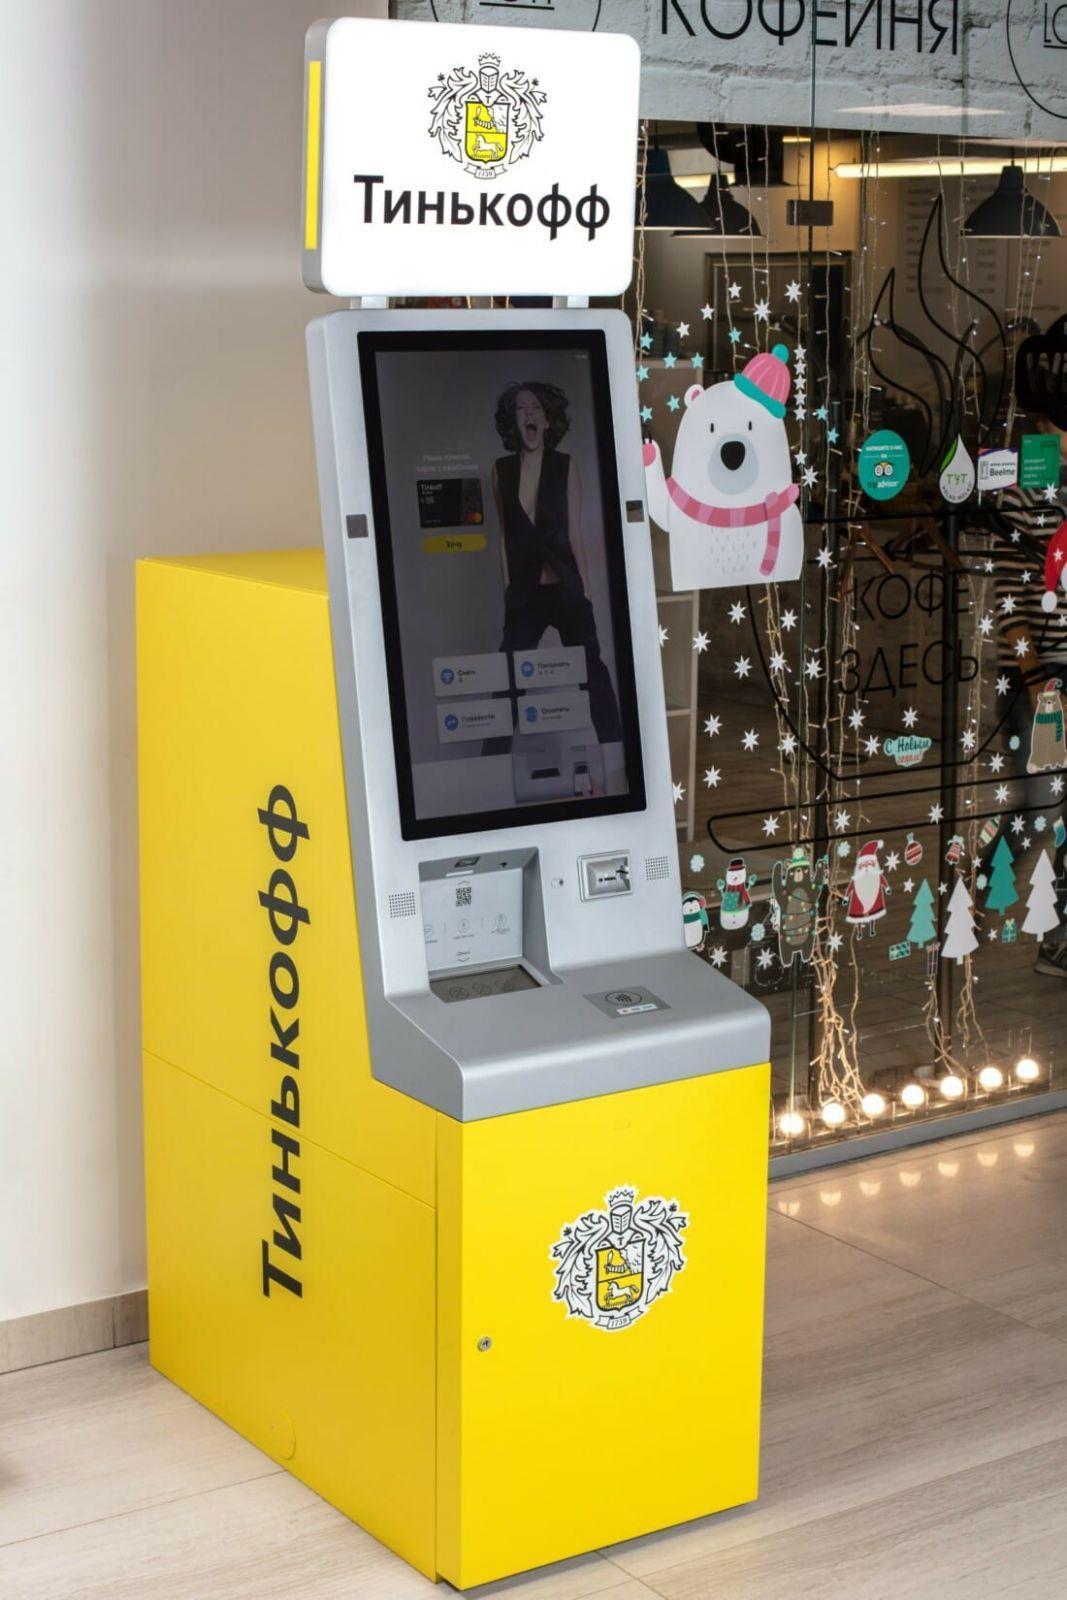 «Тинькофф» установил в Москве первый цифровой банкомат (121211)